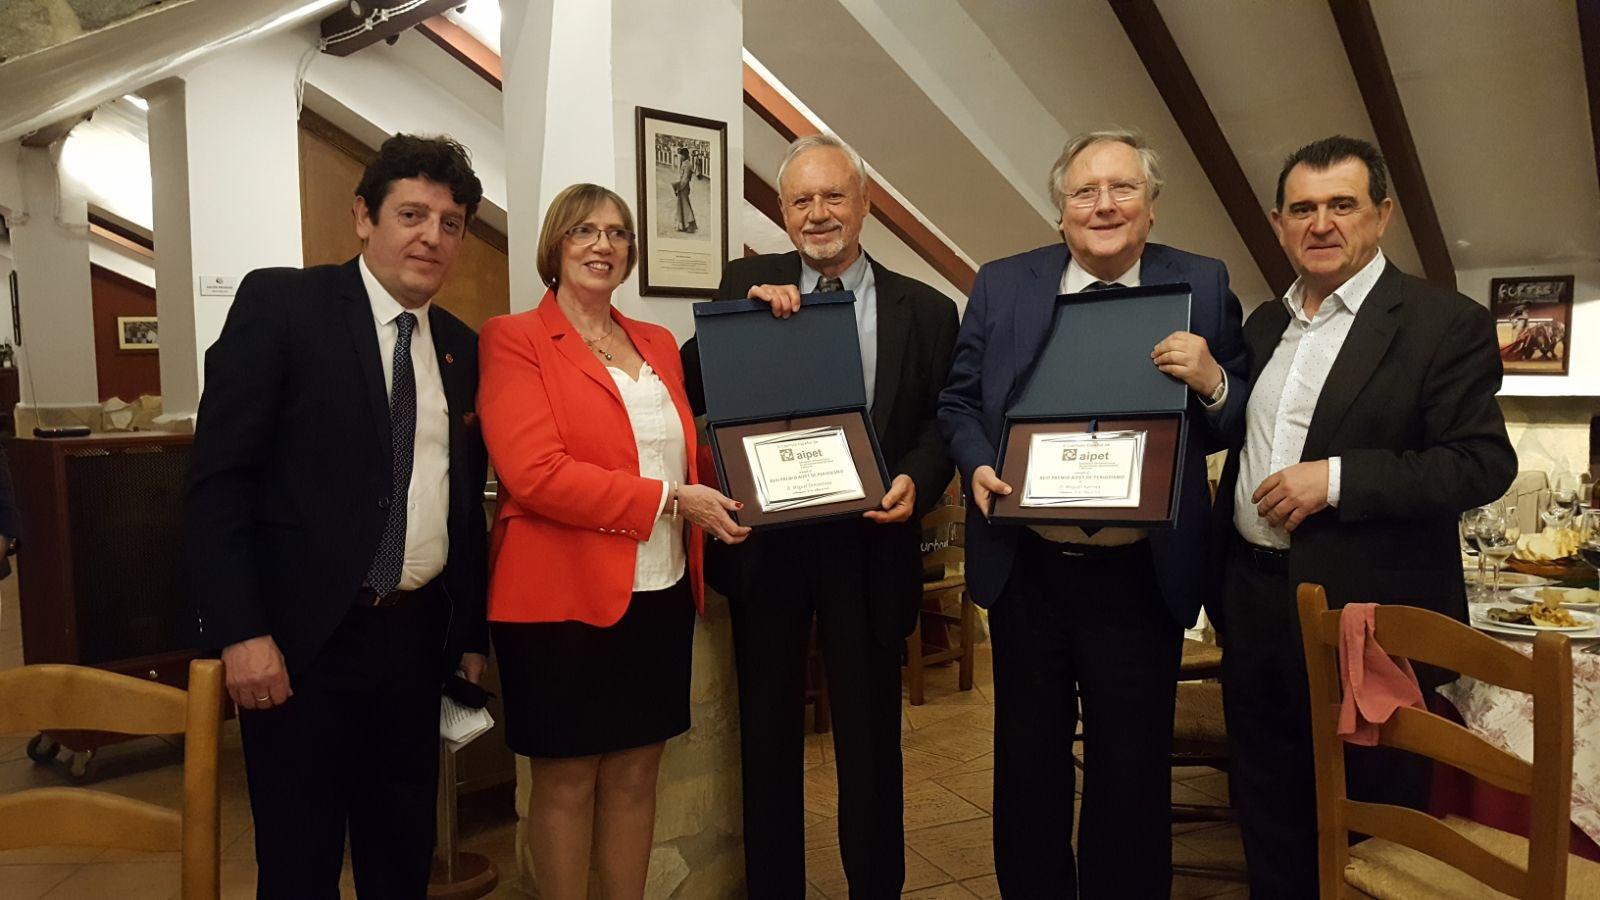 De izquiera a derecha, Eugenio de Quesada, Olga Bohera, Miguel Ormaetxea, Miquel Sarríes y Arsenio Escolar.